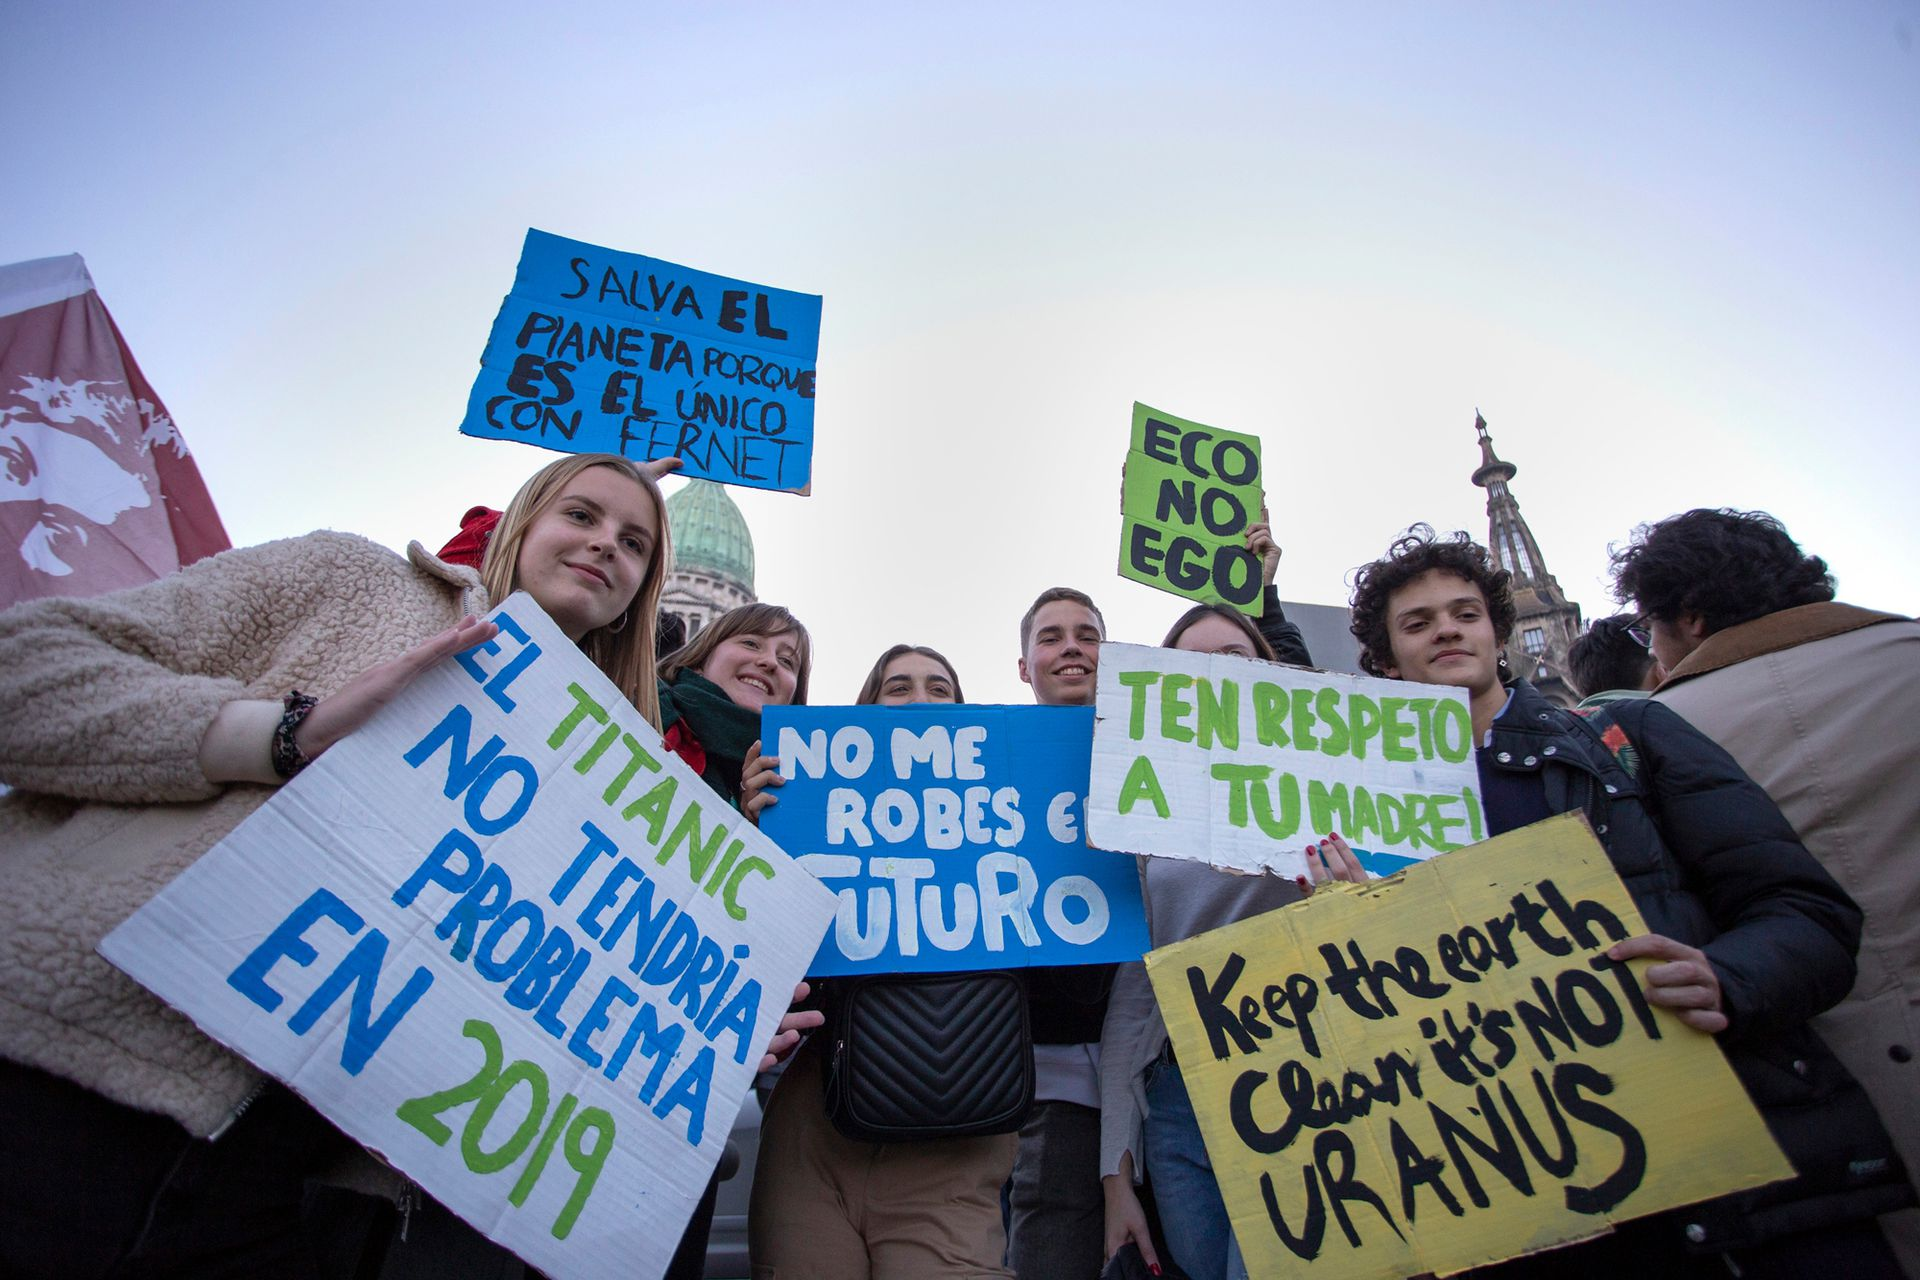 Chicos argentinos se suman a la manifestación mundial por el cambio climático, el 24 del mes pasado